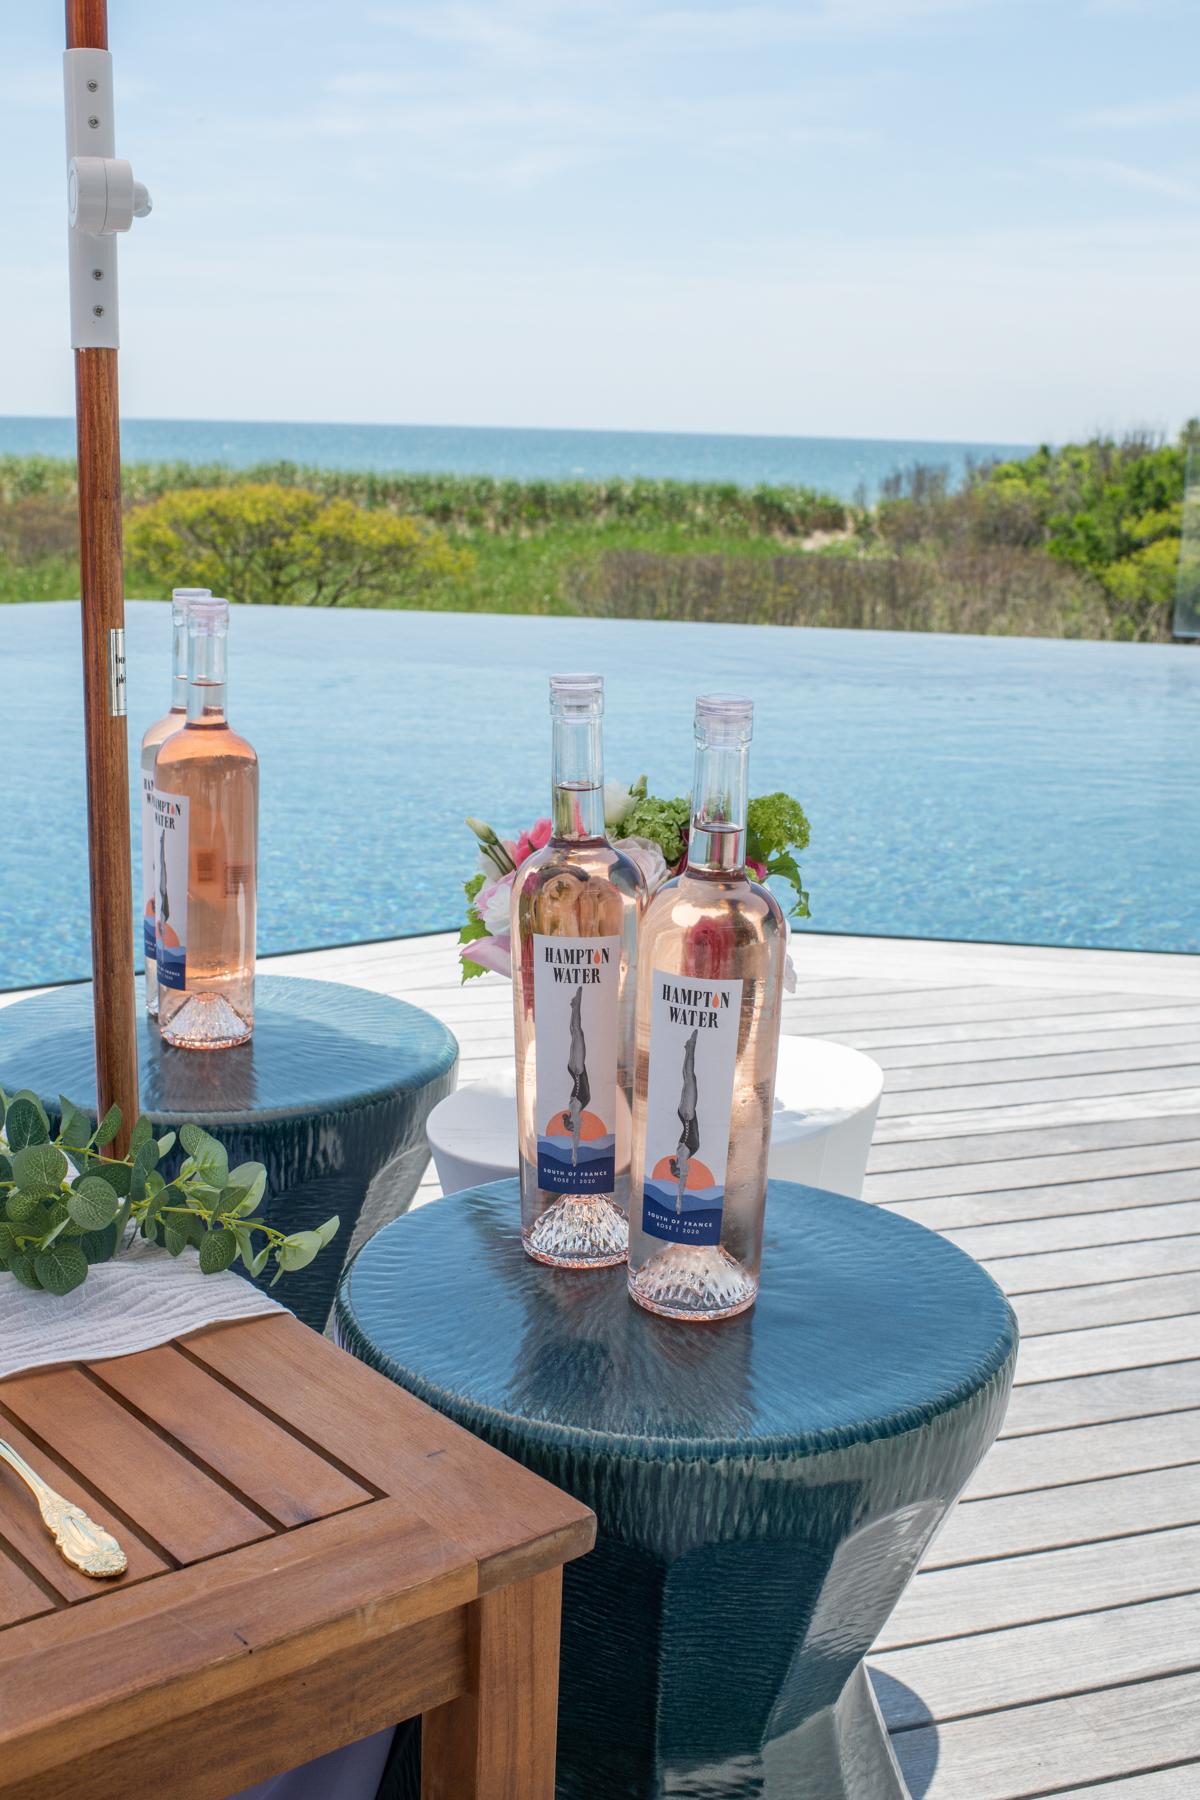 Hampton Water Rosé